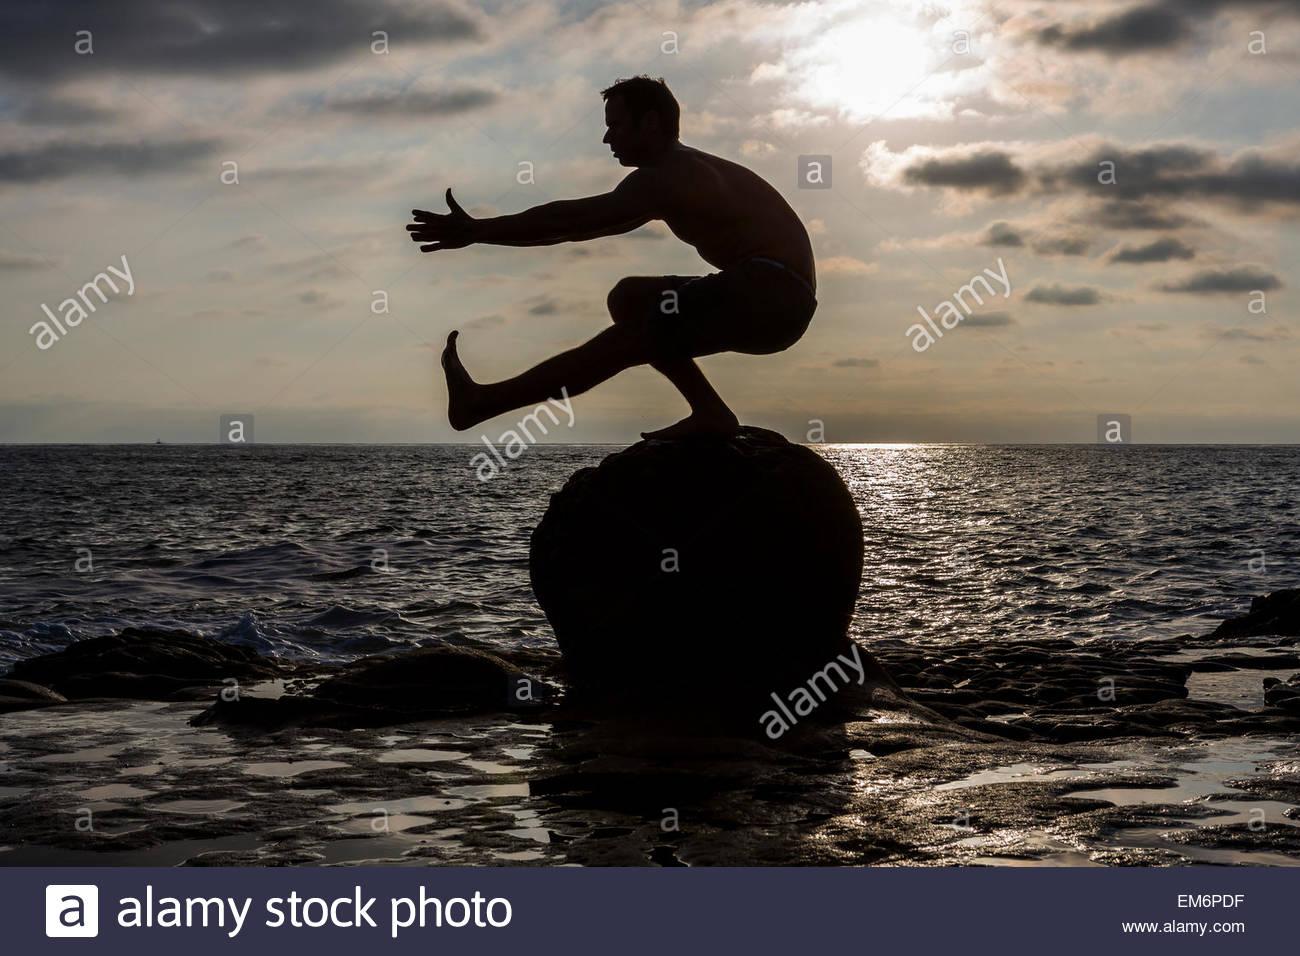 La silhouette di un maschio shirtless CrossFit atleta come egli esegue una pistola o uno-gambe squat su una roccia Immagini Stock